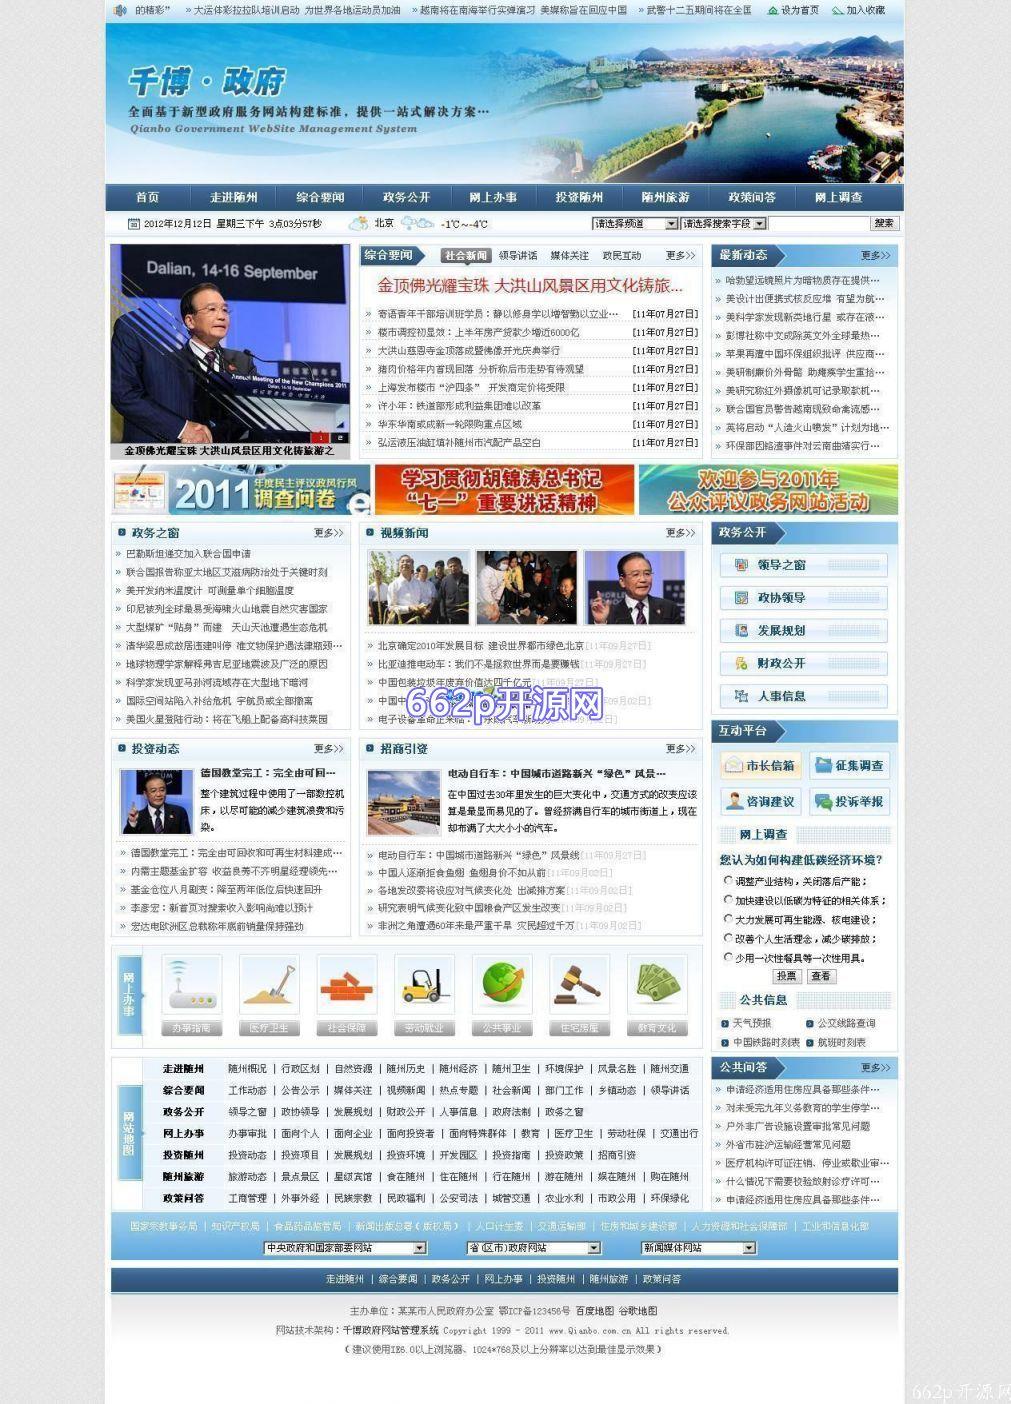 千博政府网站群管理系统